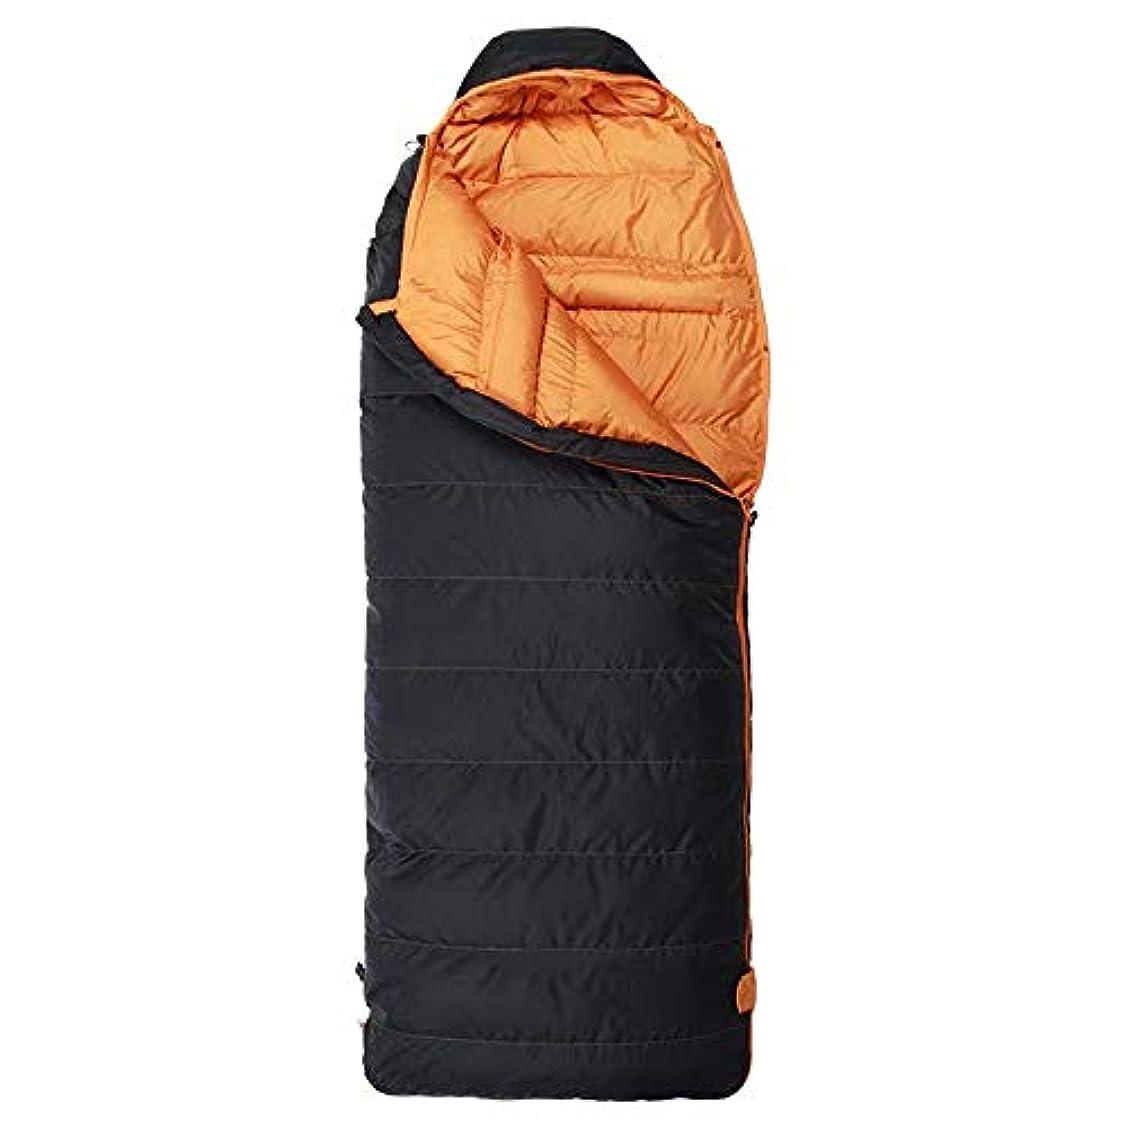 石化するについて服を片付ける寝袋、大人の屋外旅行シングル肥厚屋内分離冬キャンプ寝袋